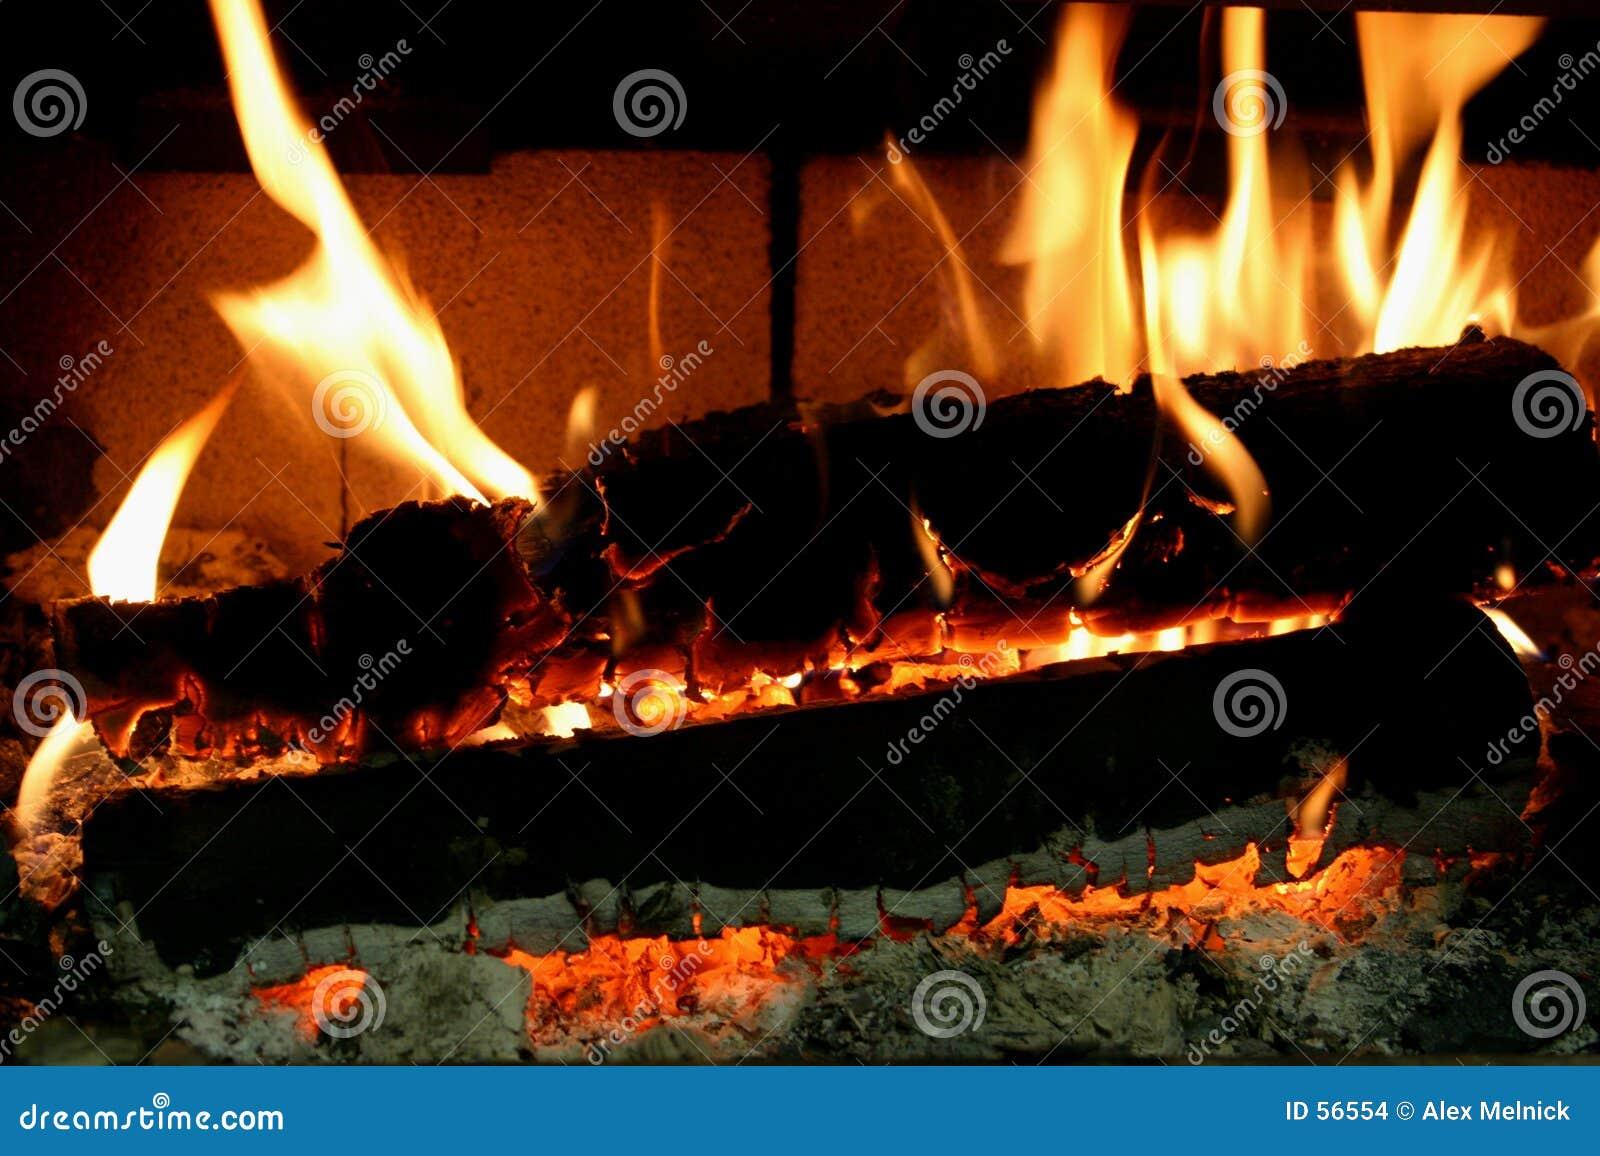 Embers Burning